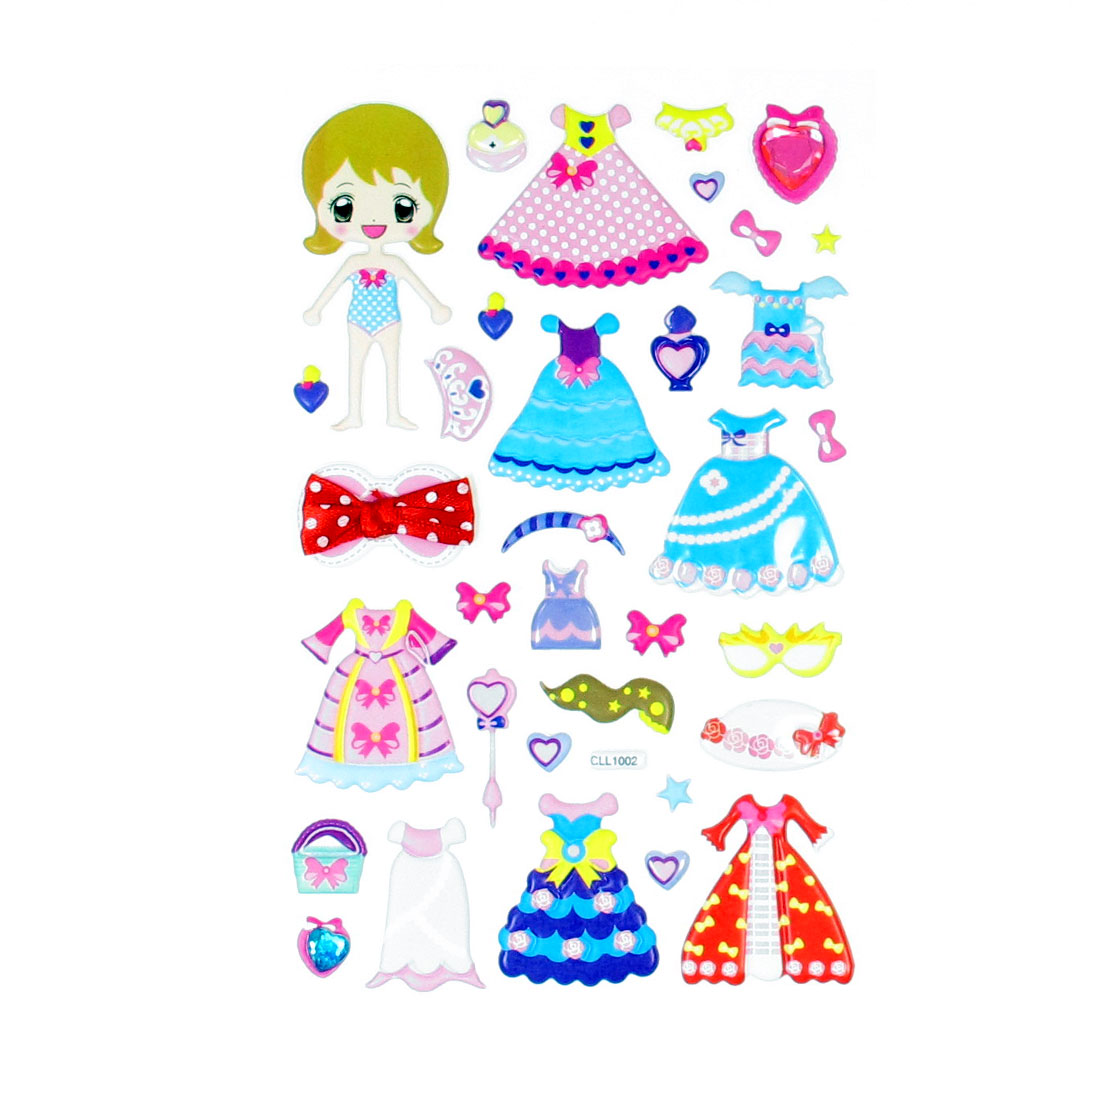 Children Gift Girls Mixed Dress Up 3D DIY Puffy Stickers Sheet